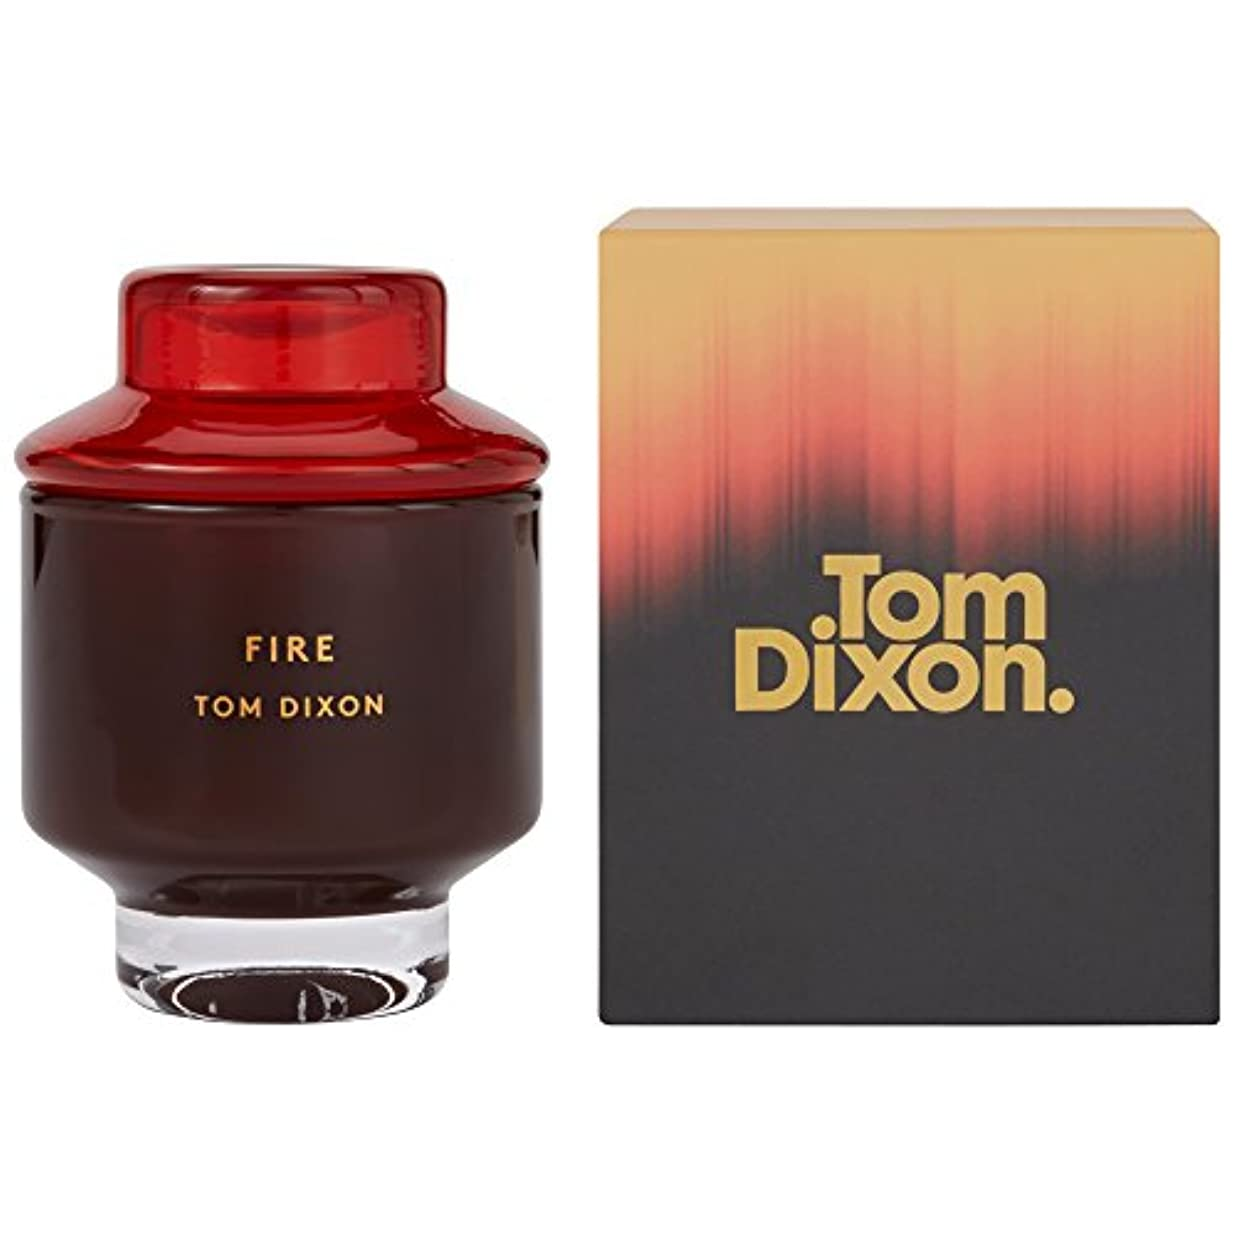 イノセンス致死学習者トム?ディクソン火災香りのキャンドル媒体 x6 - Tom Dixon Fire Scented Candle Medium (Pack of 6) [並行輸入品]